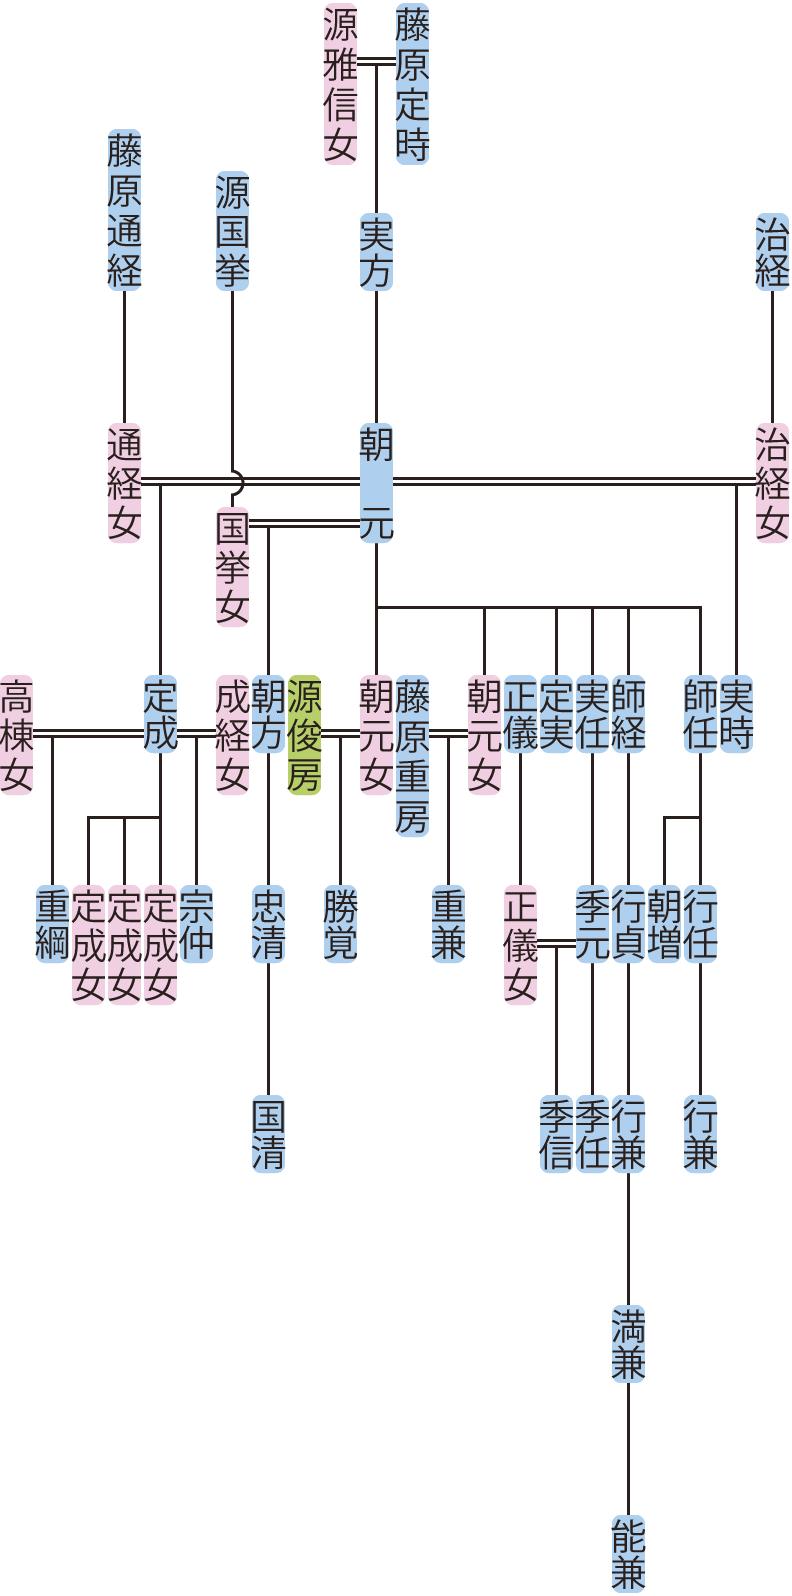 藤原朝元の系図